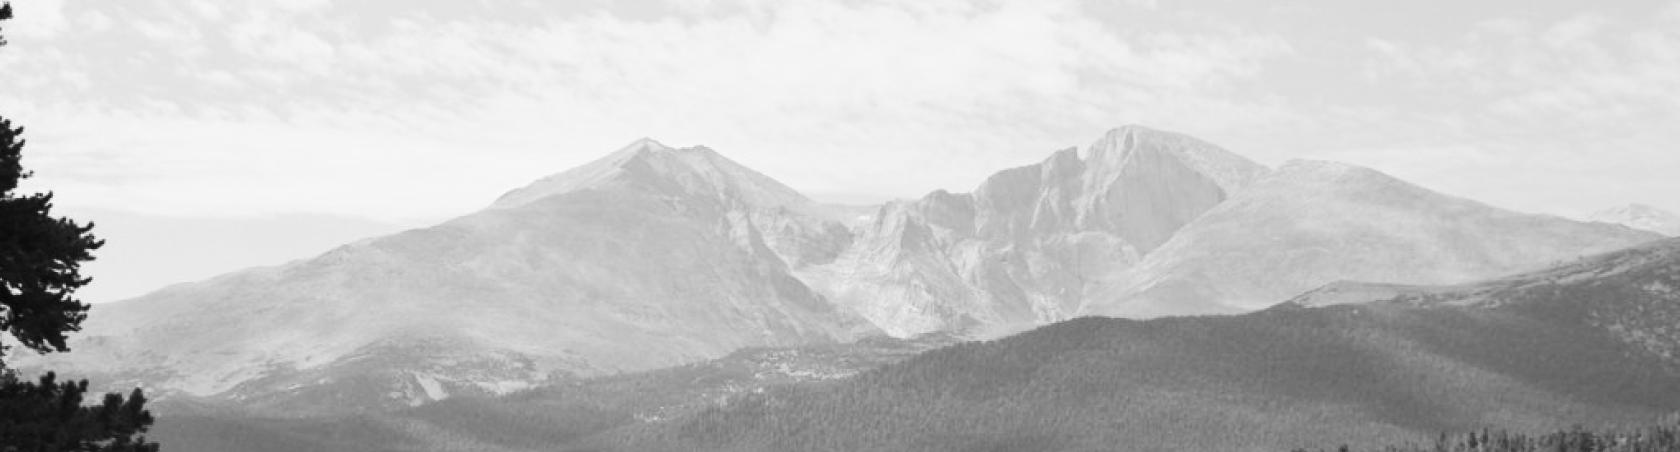 CTA Background Image